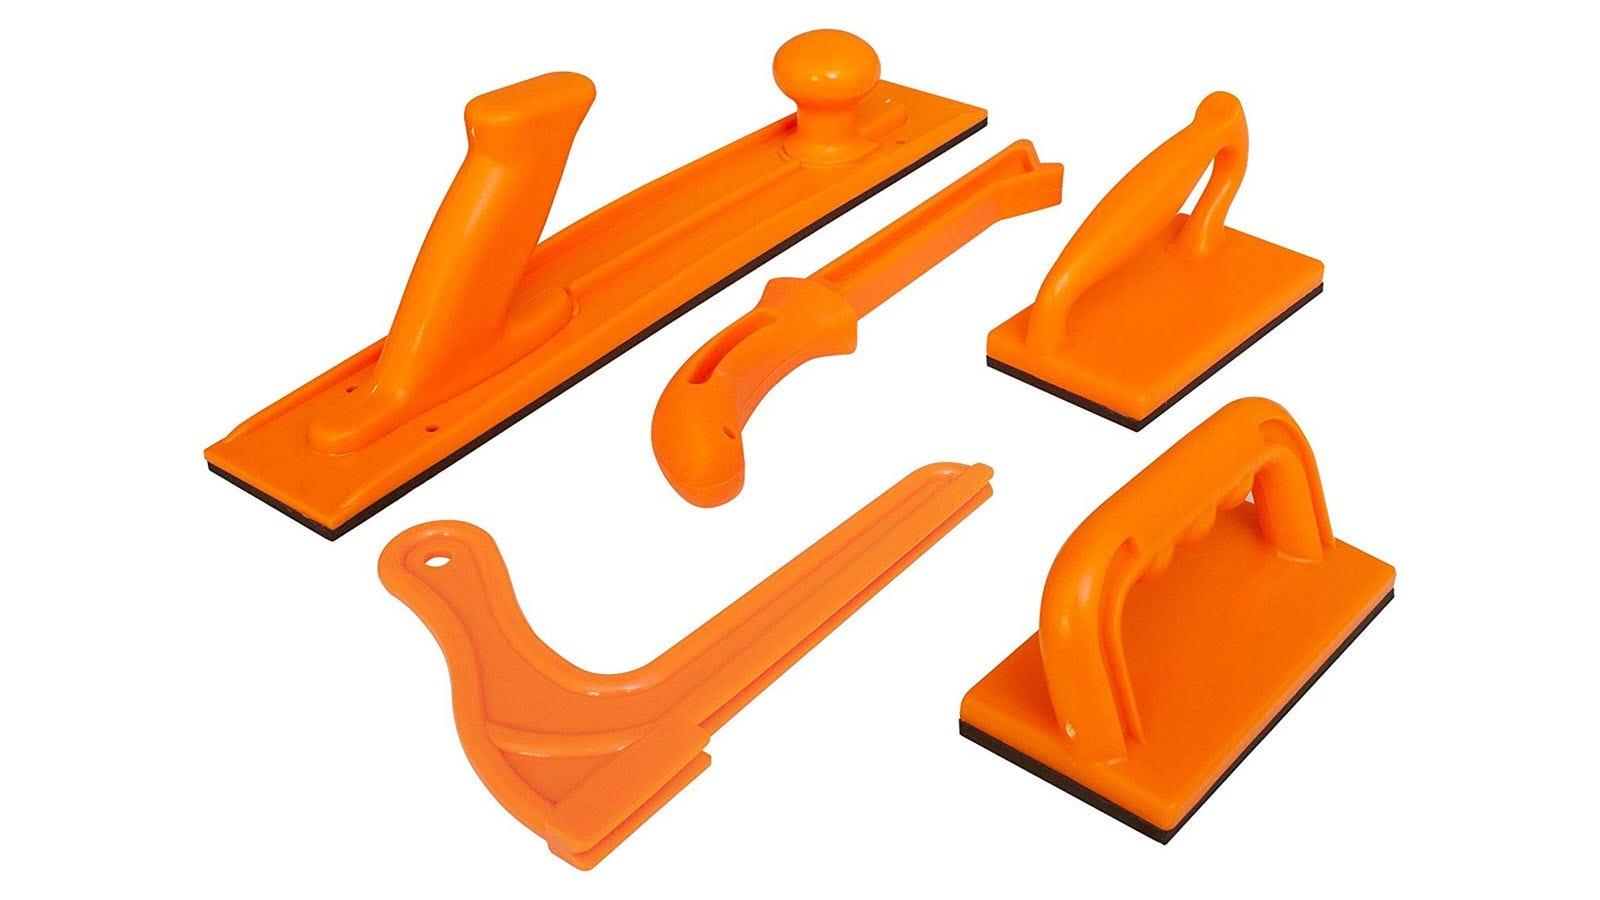 Five push sticks and blocks in a bright orange color.